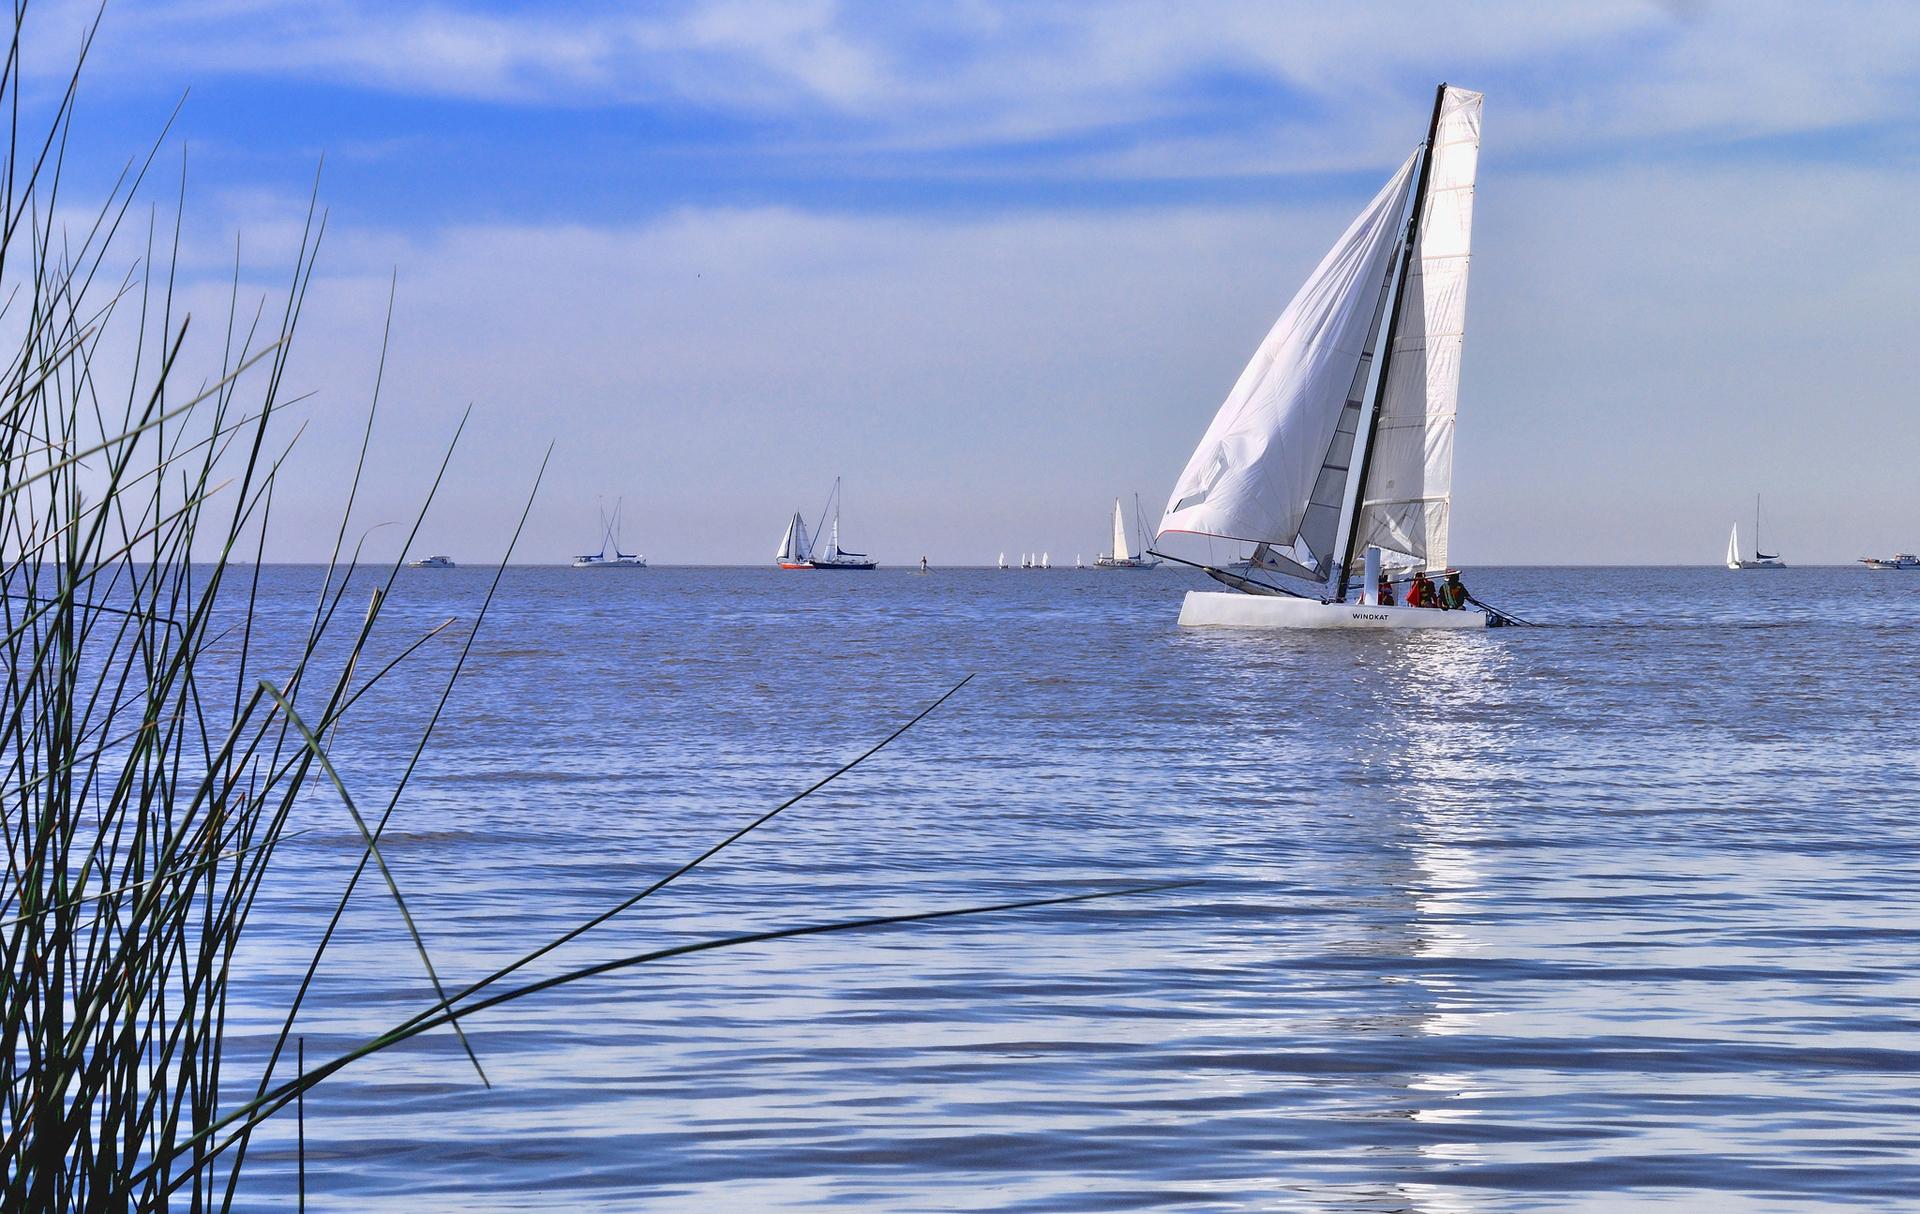 Песня открытка море яхта, февраля мальчикам